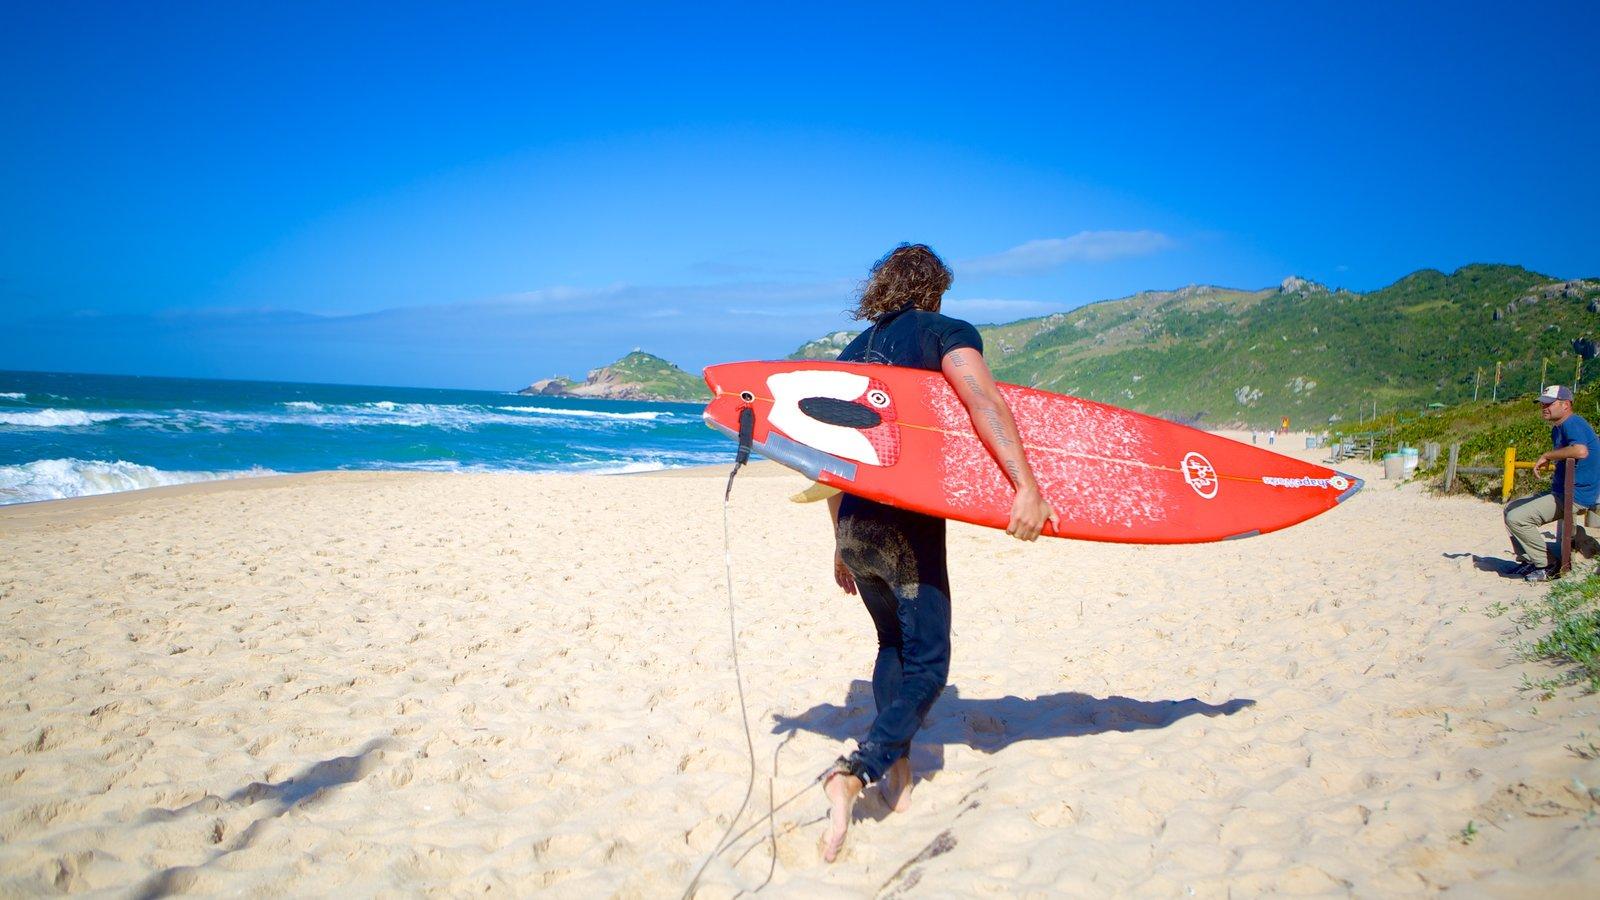 Praia Mole que inclui uma praia de areia e surfe assim como um homem sozinho